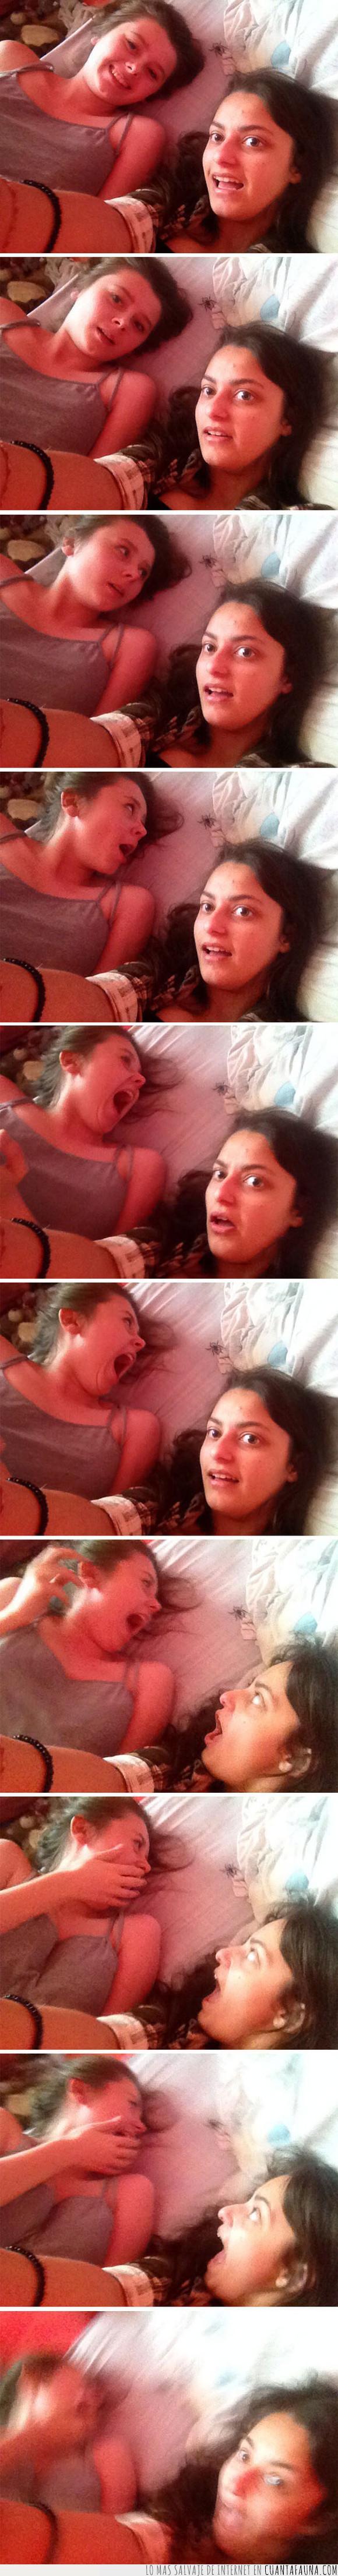 araña,chicas,foto,gritar